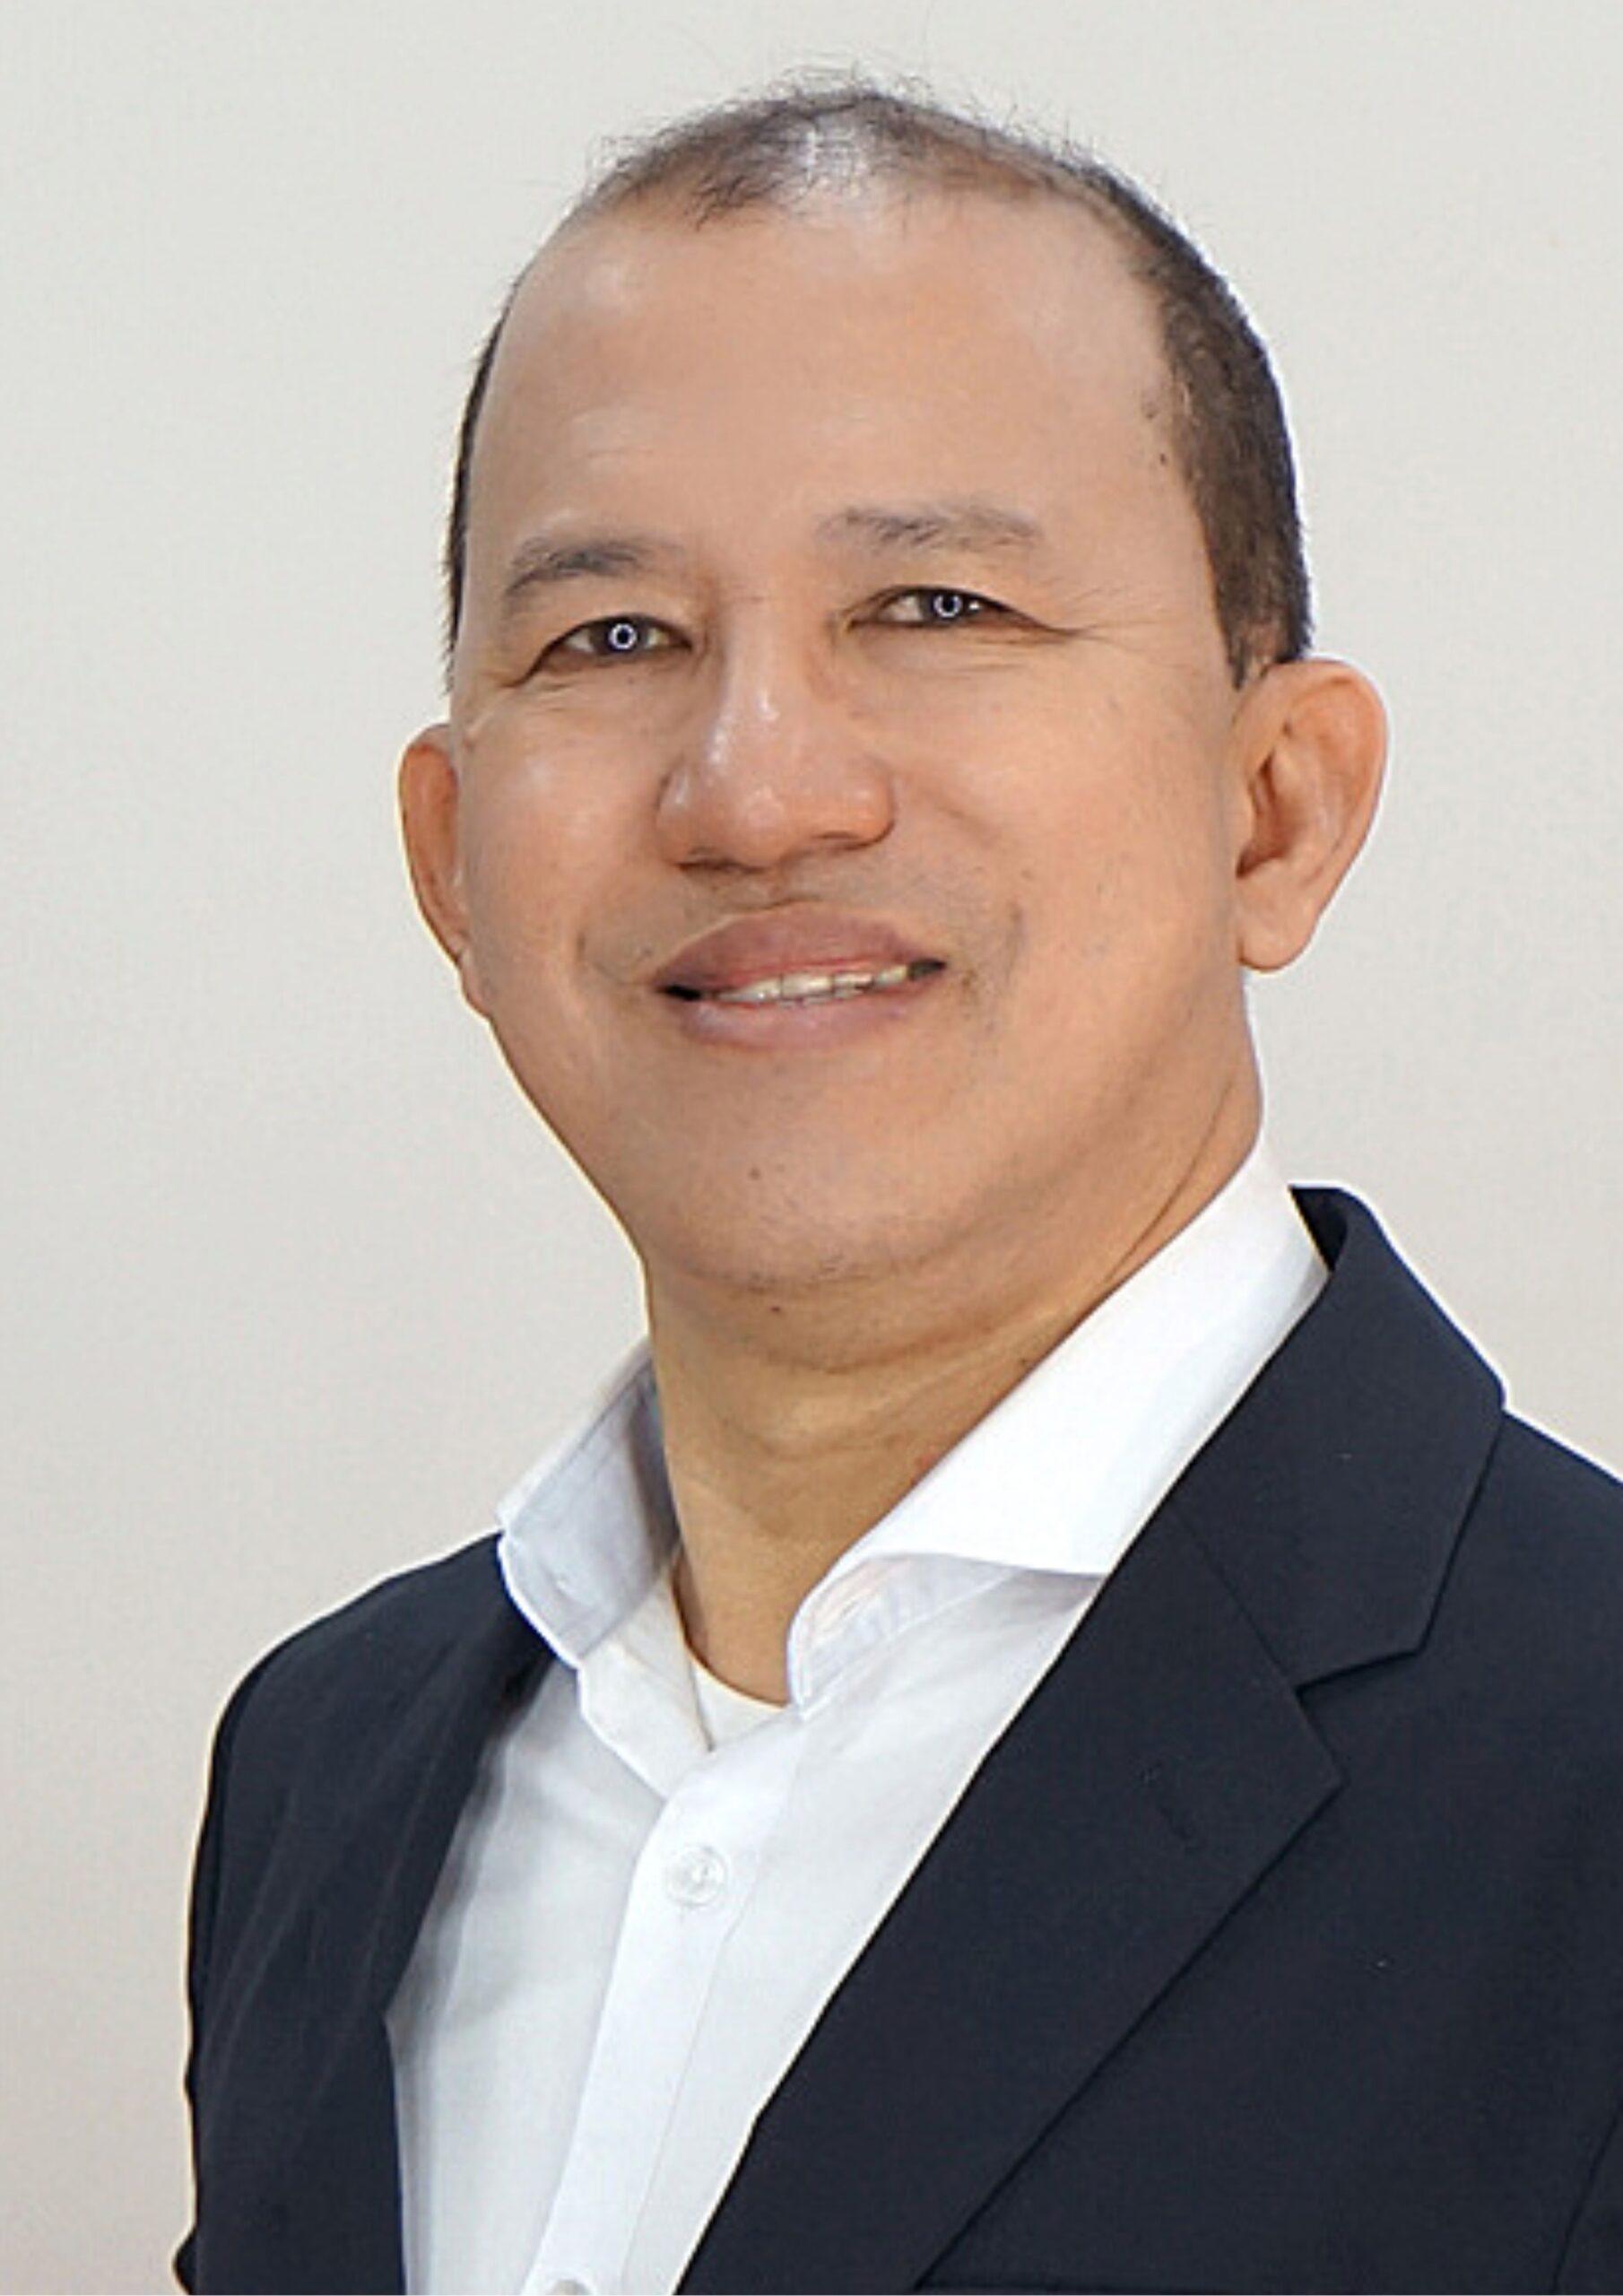 Dr. Glenn B. Gregorio